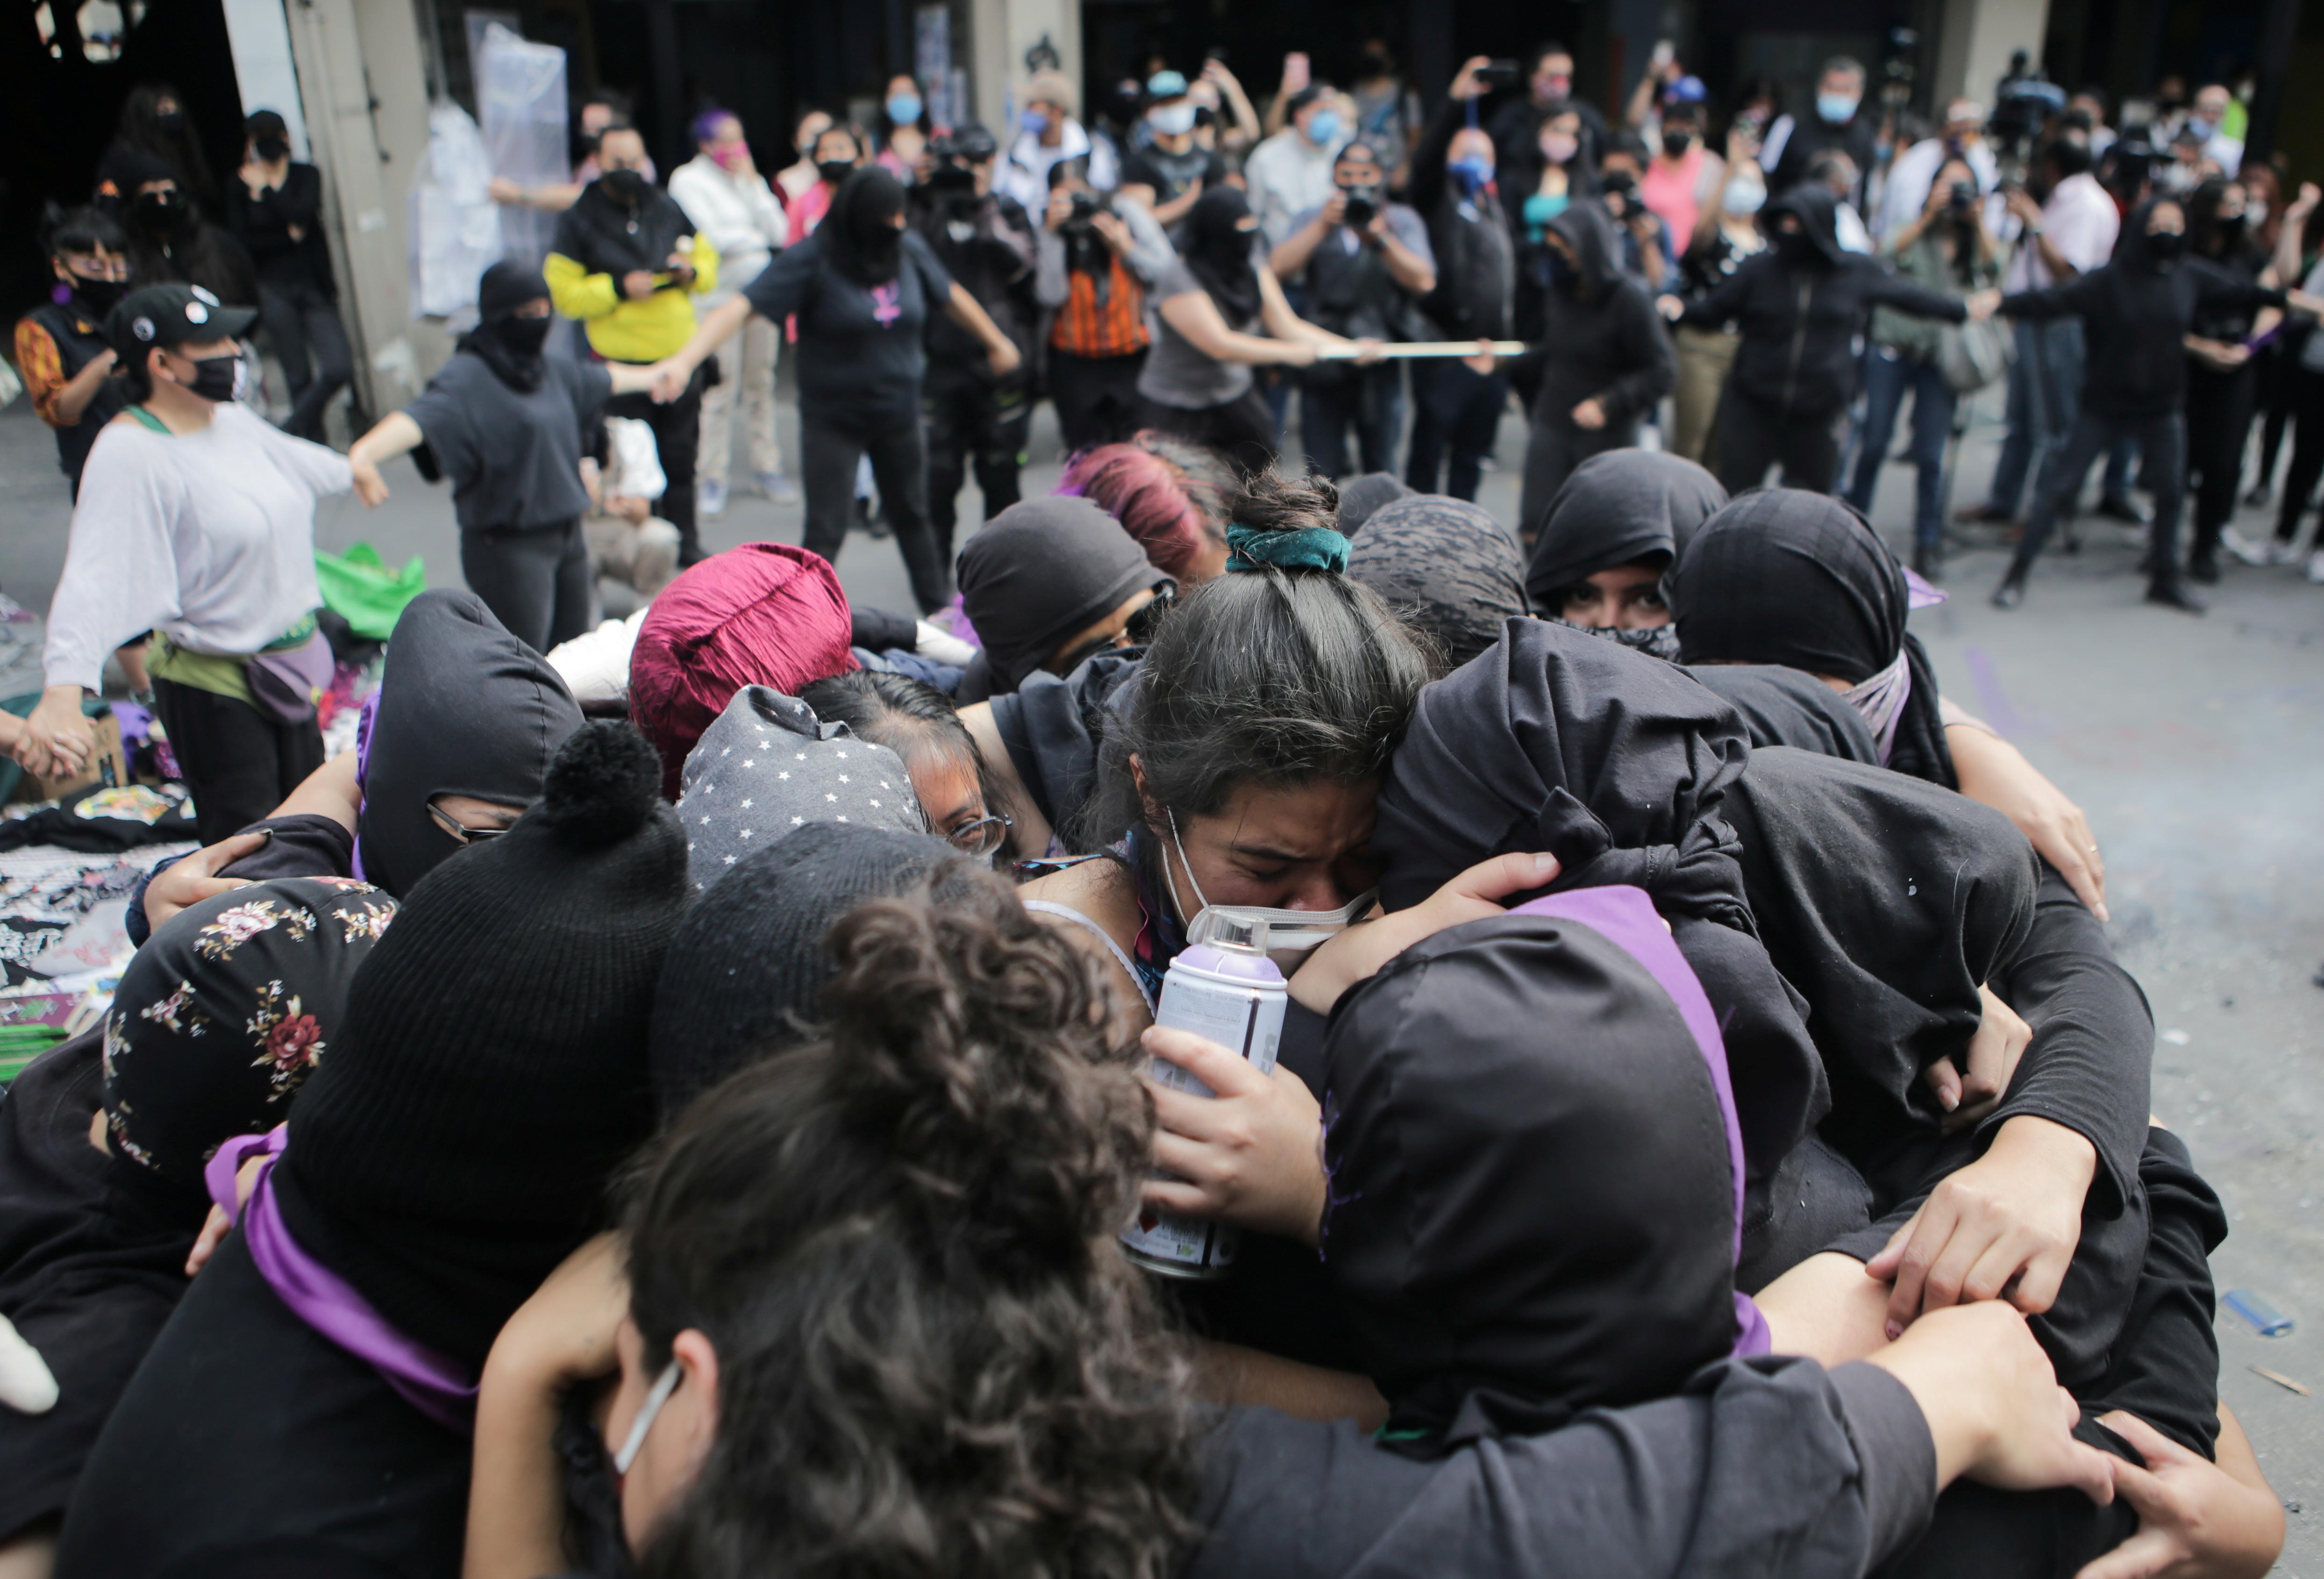 Integrantes de un abrazo colectivo feminista frente a las instalaciones del edificio de la Comisión Nacional de Derechos Humanos, en apoyo a víctimas de violencia de género, en la Ciudad de México, México 11 de septiembre de 2020. Fotografía tomada el 11 de septiembre de 2020.